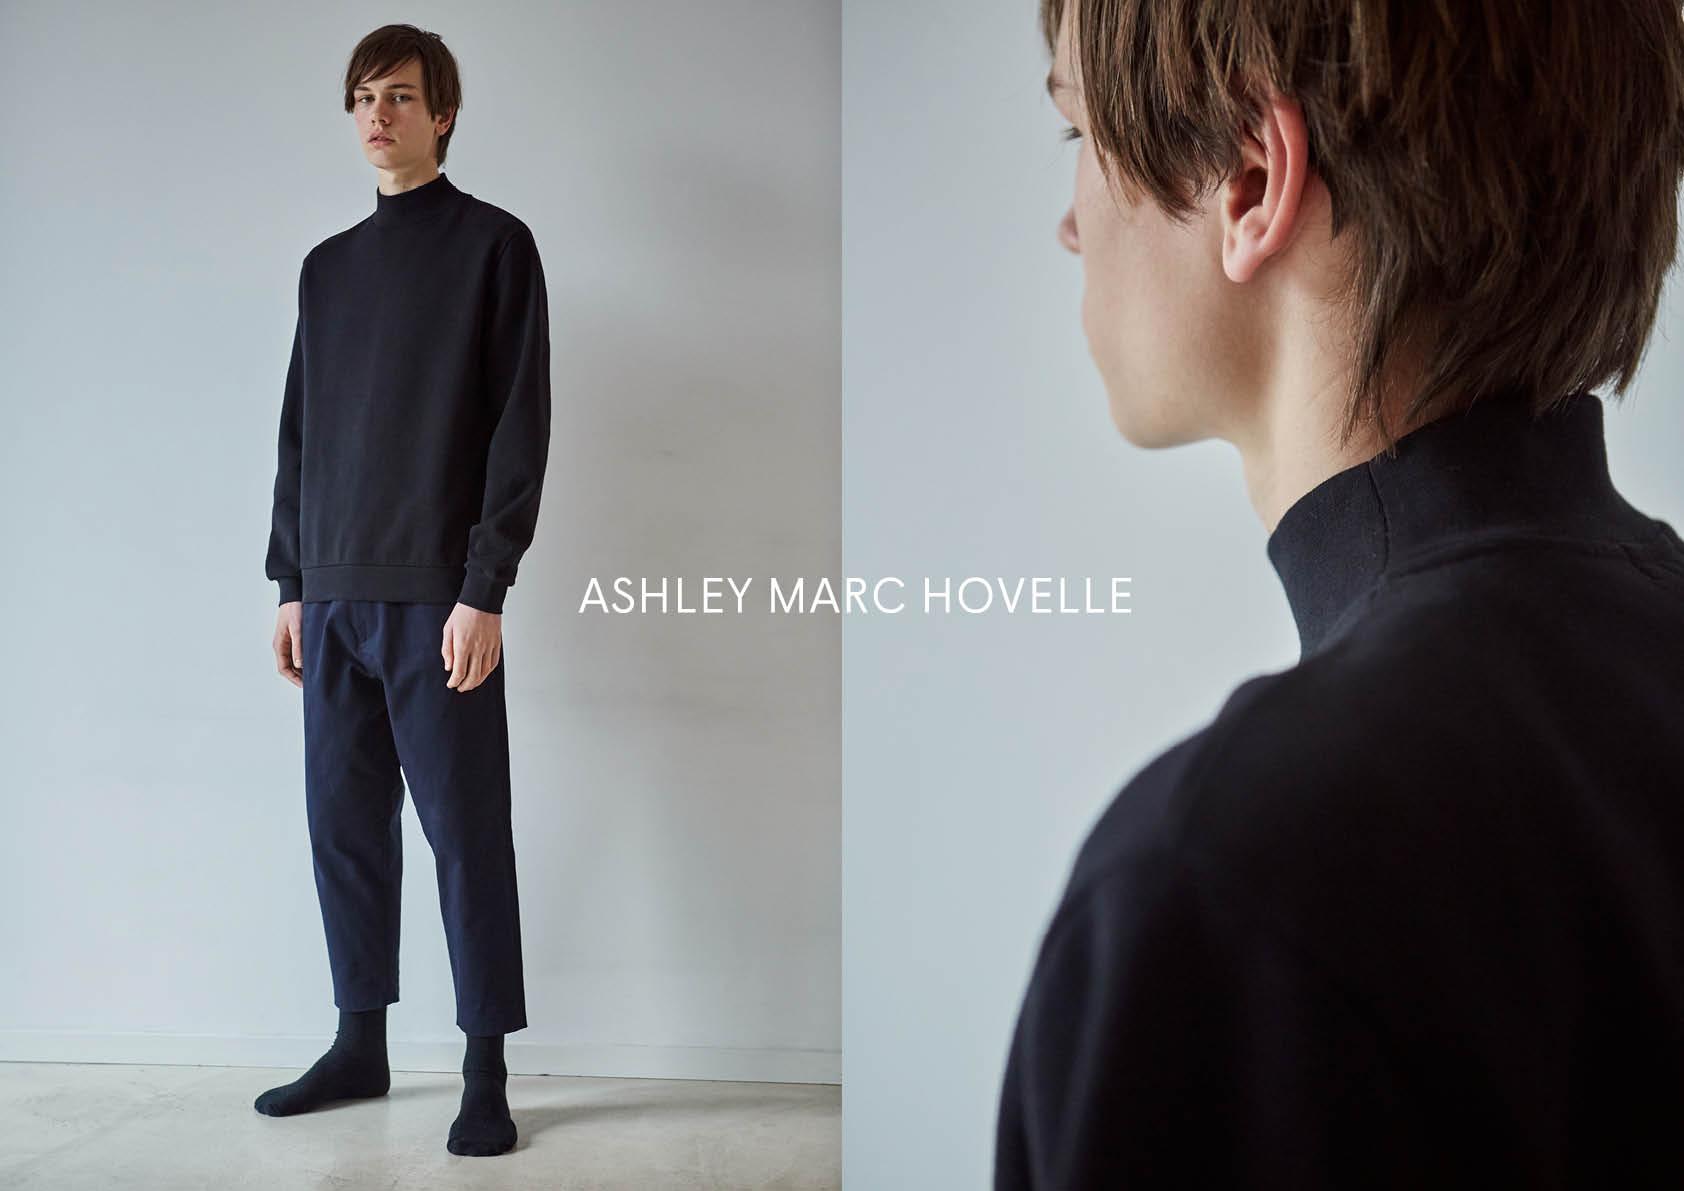 Ashley Marc Hovelle aw18 fly online24.jpg